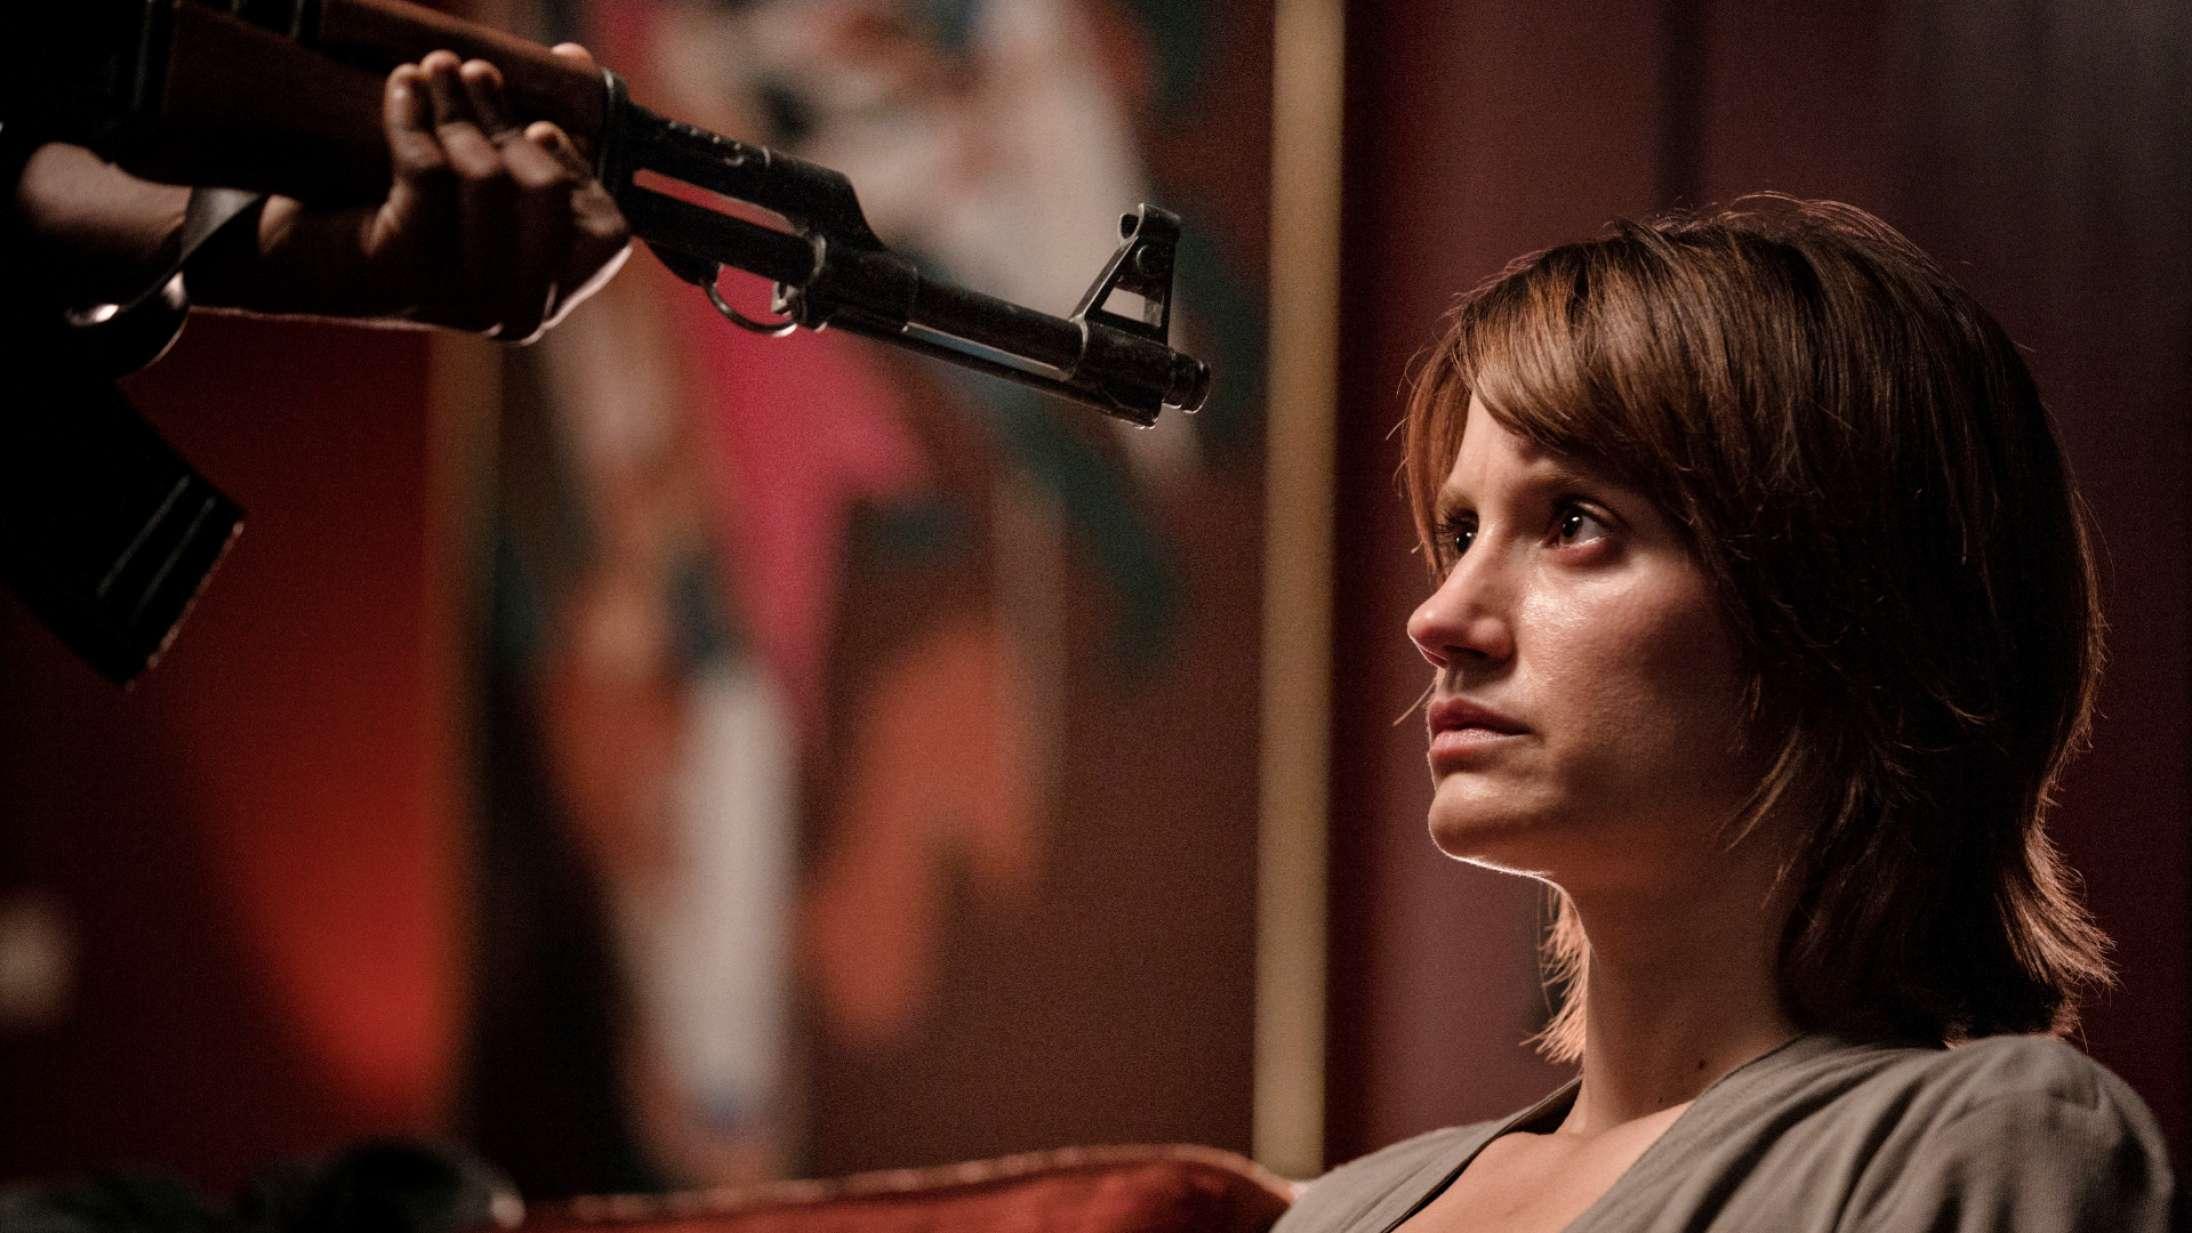 Kan Christopher Nolan blive den frelsende engel? Sådan er filmverden ramt af corona